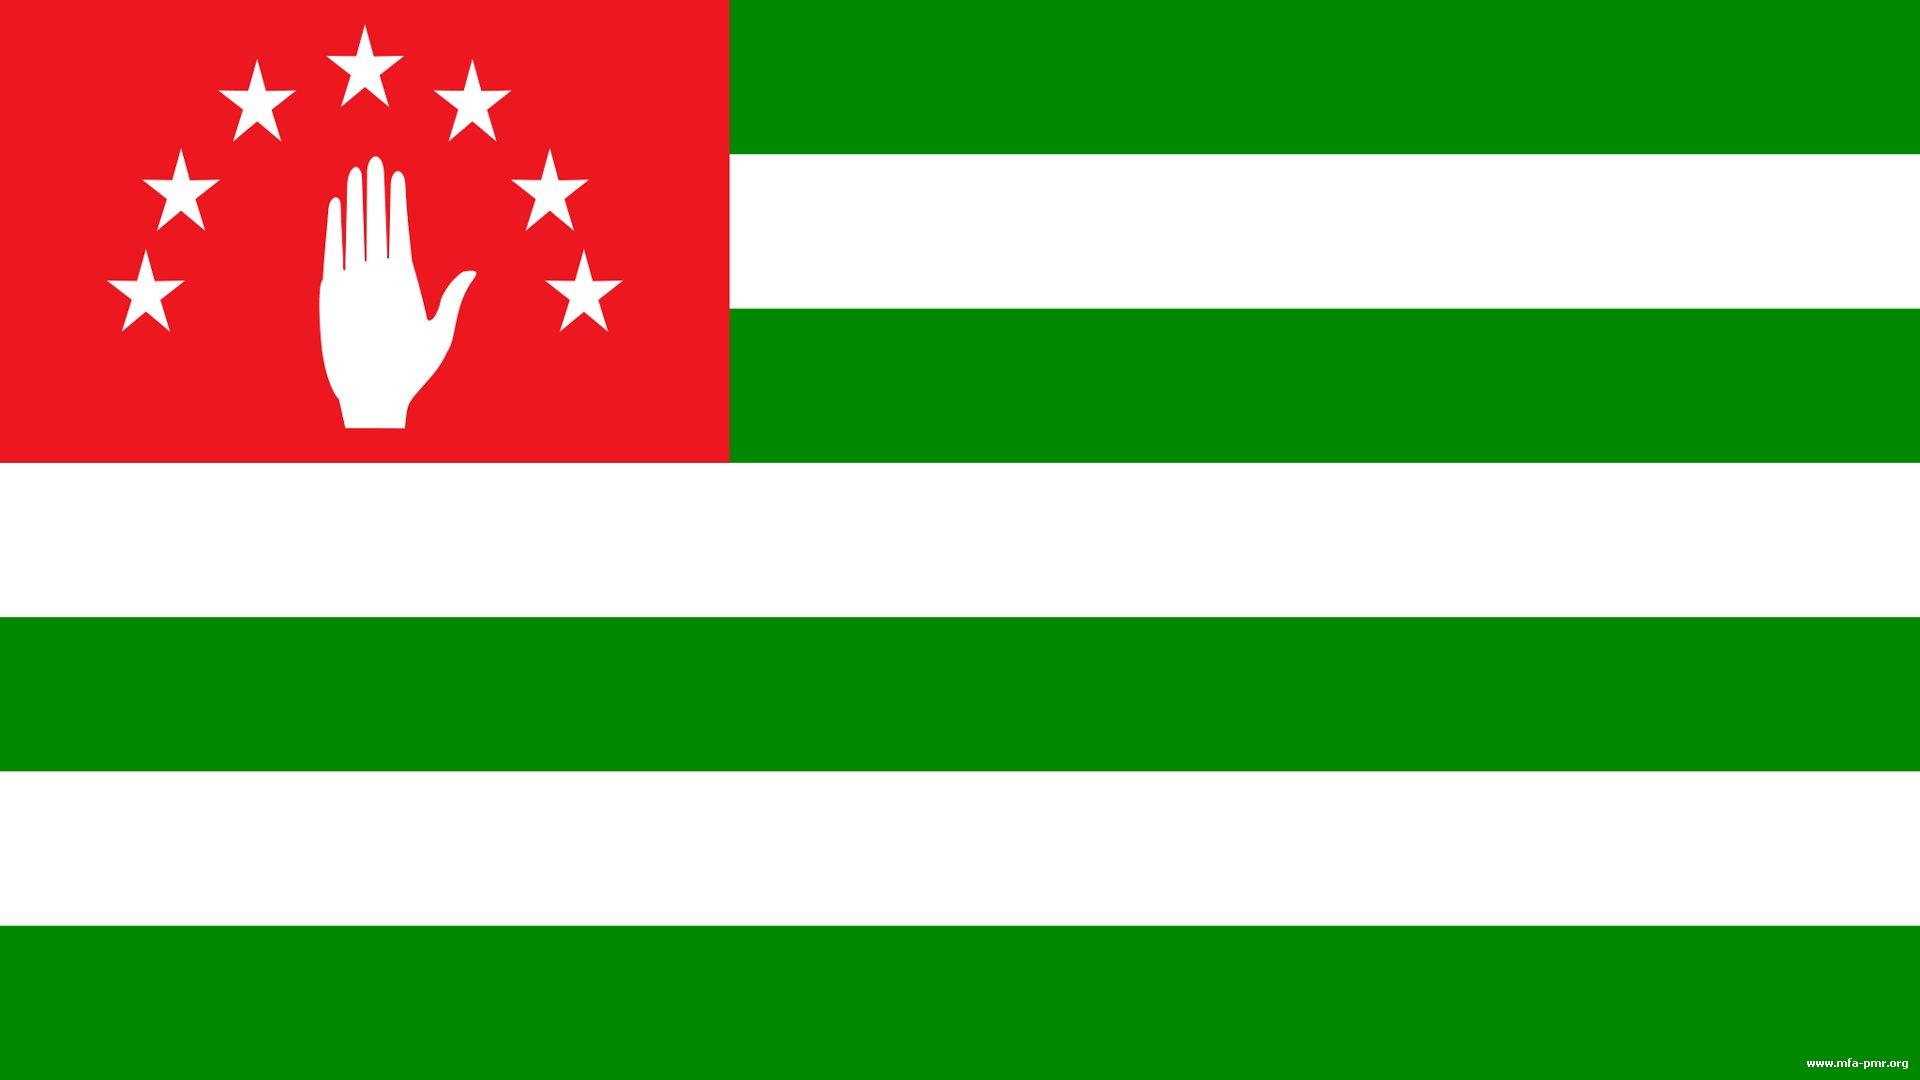 Министр иностранных дел Республики Абхазия  поздравил Главу внешнеполитического ведомства Приднестровья  с Днем Конституции ПМР